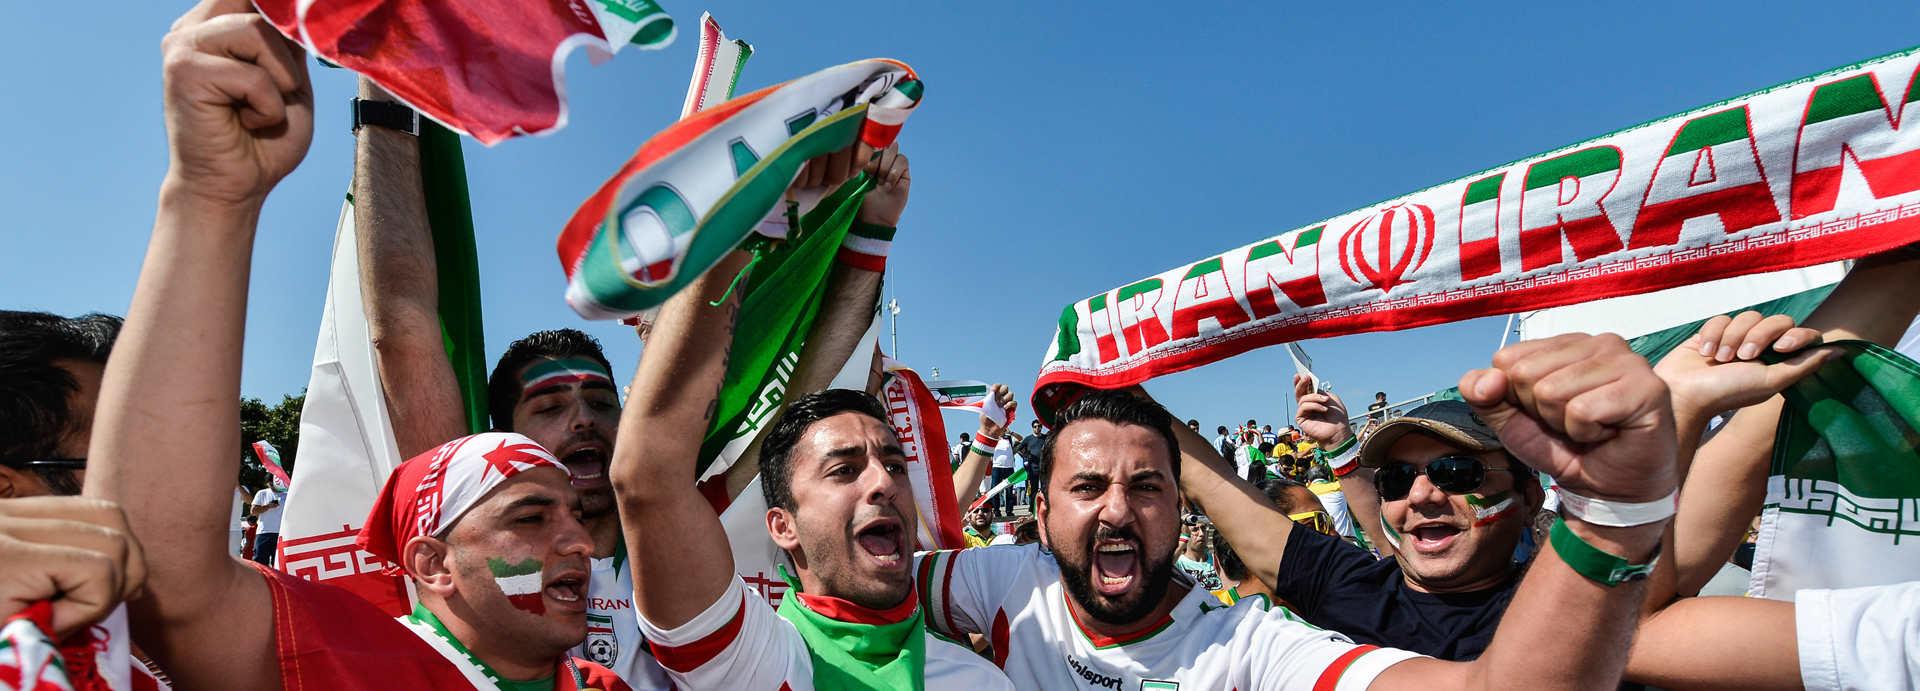 هواداران تیم ملی ایران - ویکی ووک